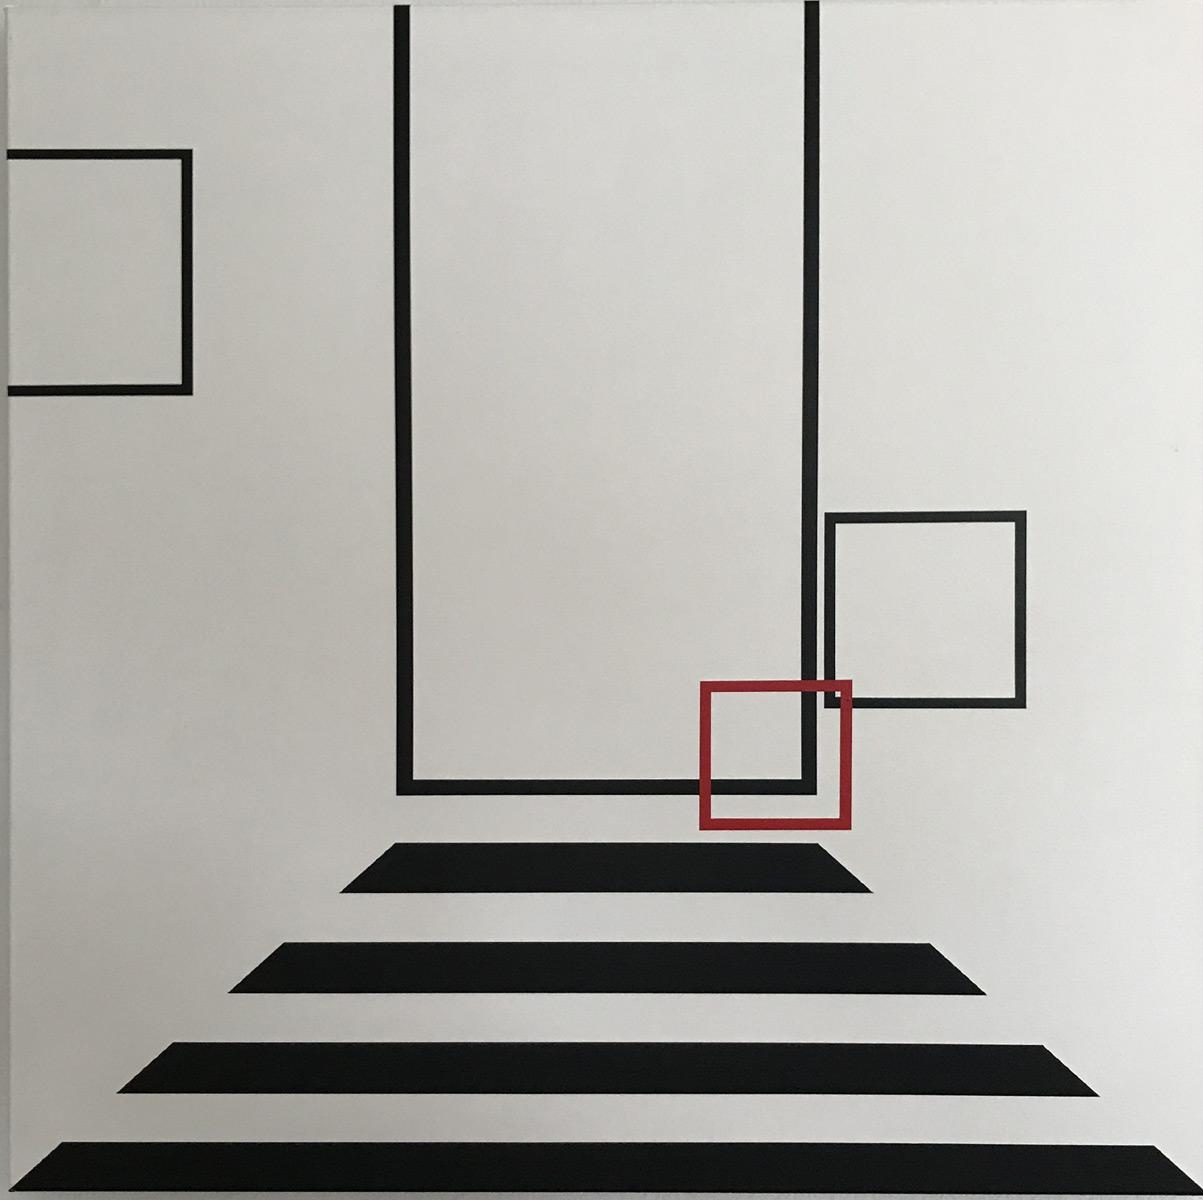 Ina von Jan Konkrete Kunst PHASE I Acrylbilder - Acryl auf Leinwand aus dem Jahr 2000, 80x80 cm